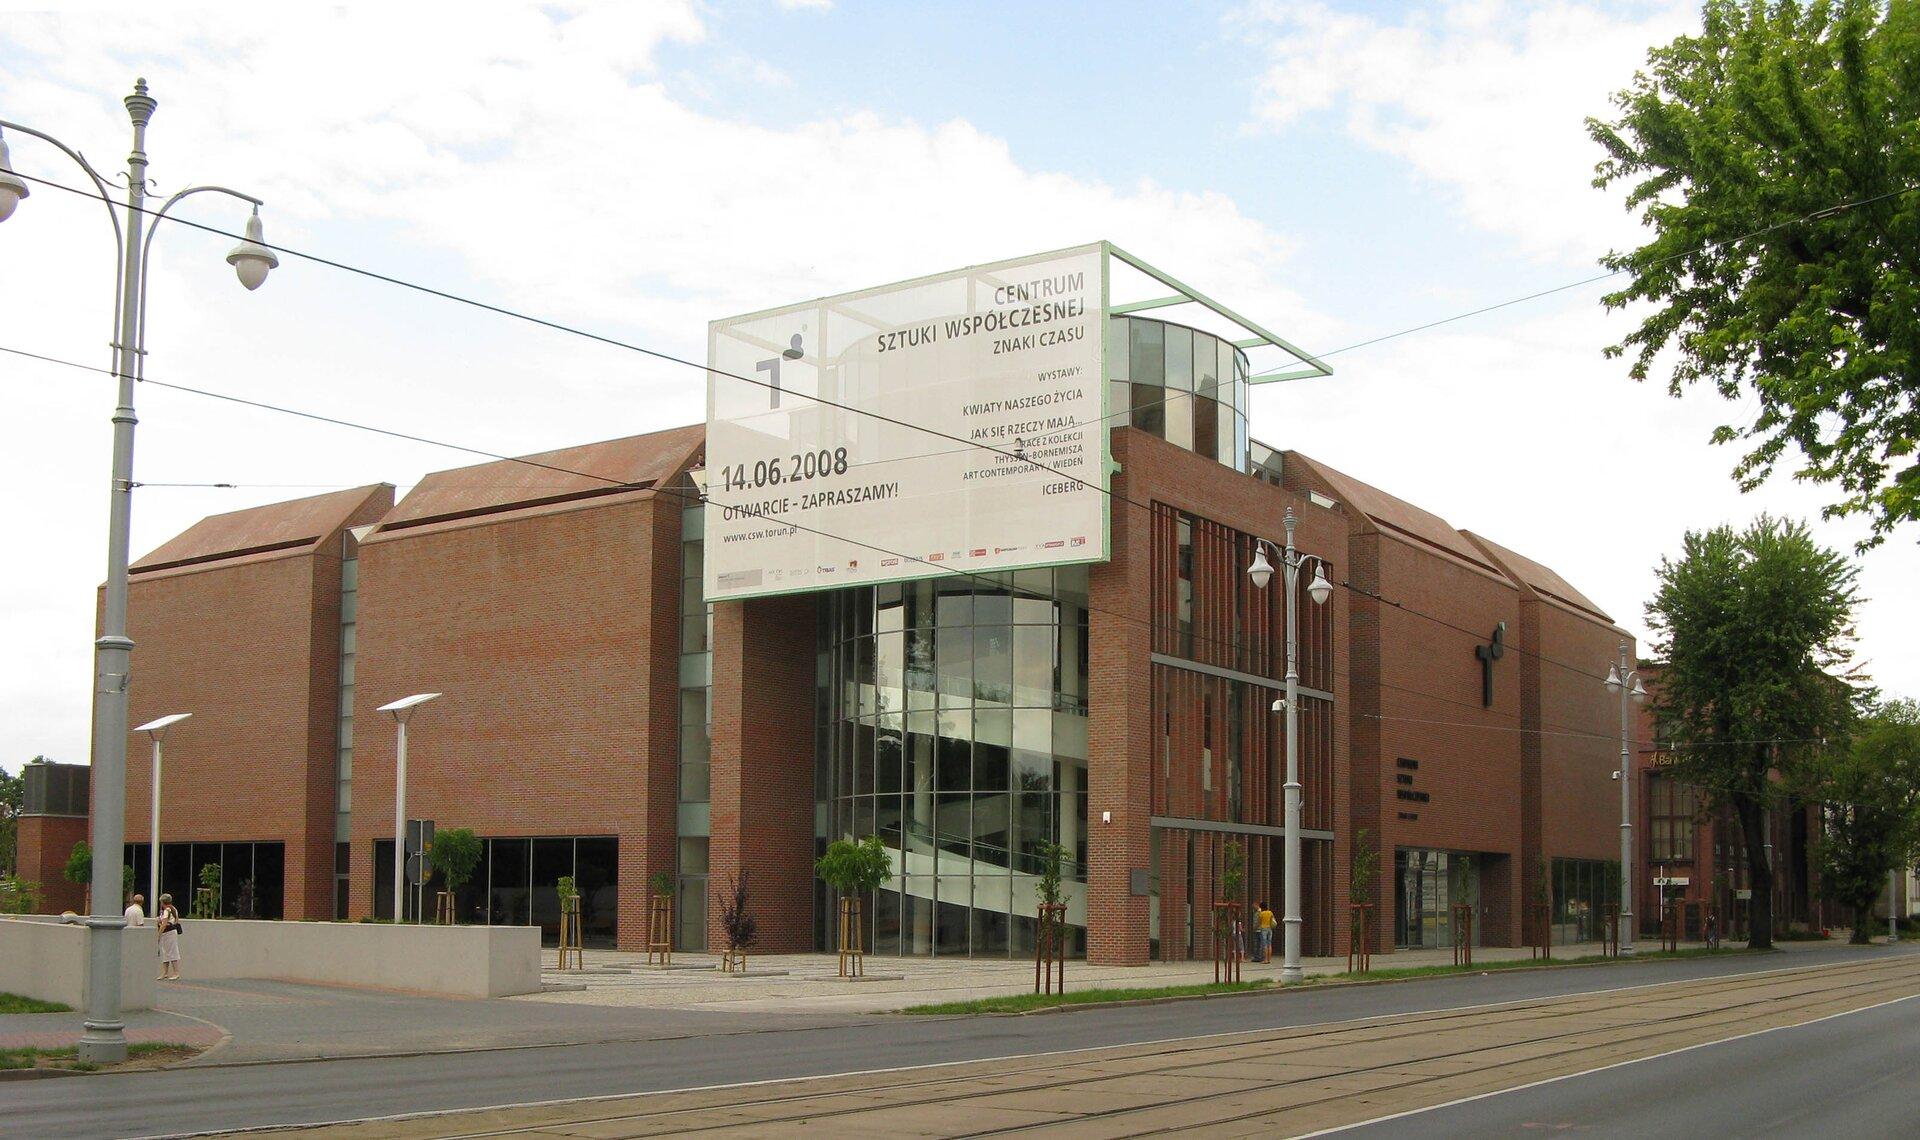 """Ilustracja przedstawia Centrum Sztuki Współczesnej Znaki Czasu wToruniu. Na zdjęciu ukazany jest nowoczesny budynek, którego prosta bryła łączy wsobie czerwoną cegłę zelementami szkła.  Wsześcienne formy elewacji wpisany jest walec oszklonej klatki schodowej, nad którą umieszczony został na ażurowej konstrukcji, biały baner znapisem: """"CENTRUM SZTUKI WSPÓŁCZESNEJ ZNAKI CZASU, 14.06.2008, OTWARCIE – ZAPRASZAMY"""". Budynek ustawiony jest wprzestrzeni miejskiej, przed nim znajduje się szeroka jezdnia ztorami tramwajowymi oraz duża, szara, ozdobna lampa uliczna."""